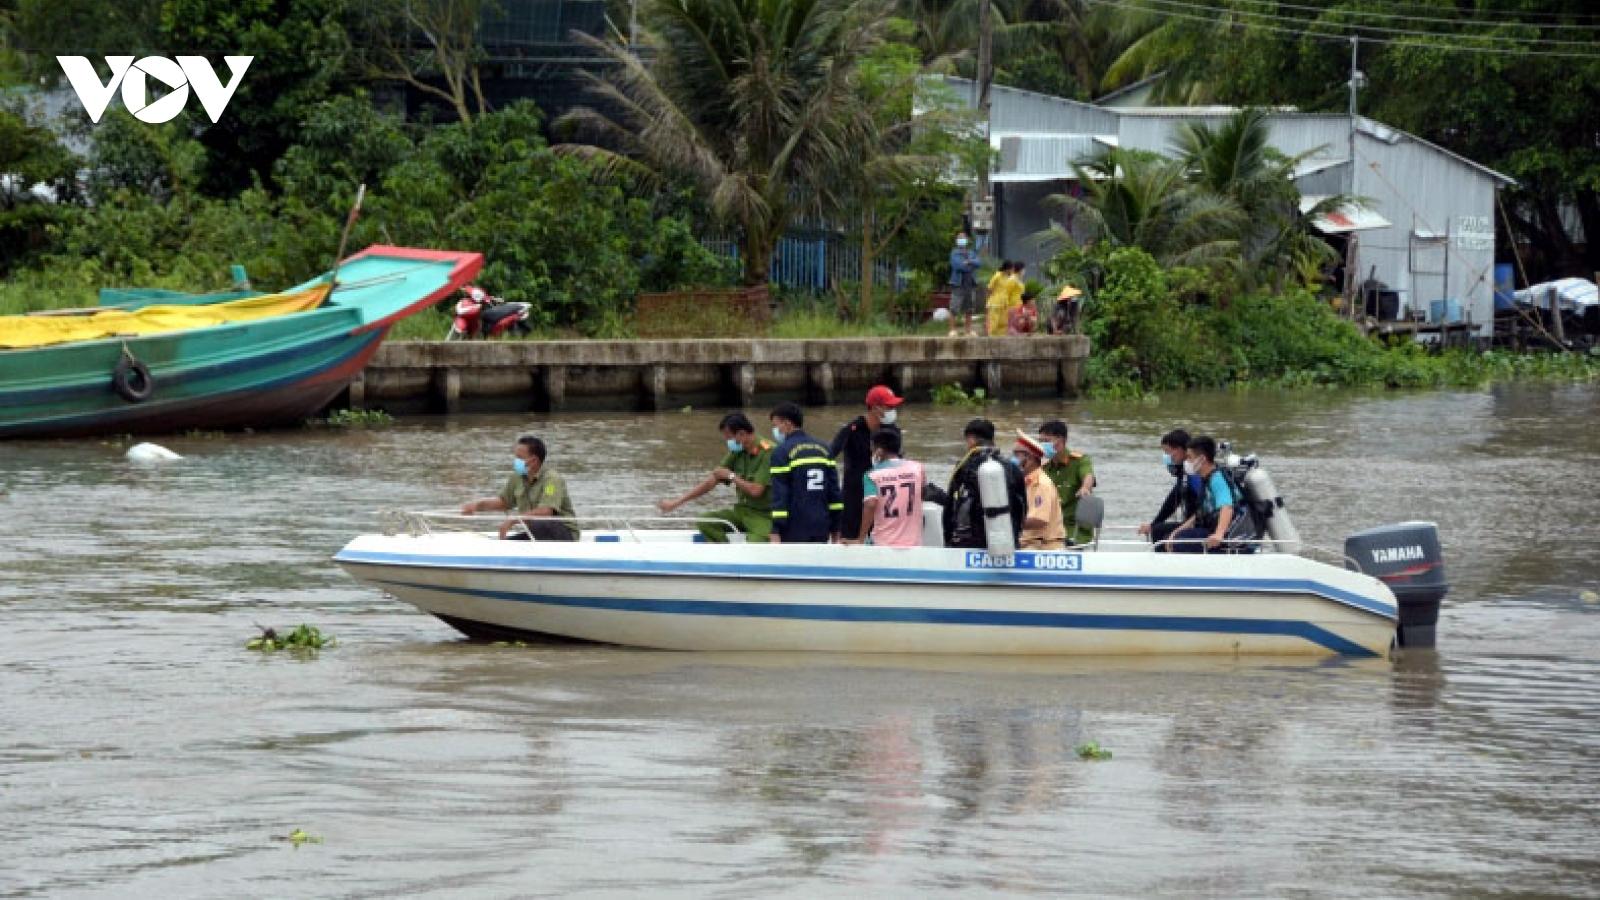 Tai nạn đường thủy nghiêm trọng làm 2 người chết, 1 người mất tích